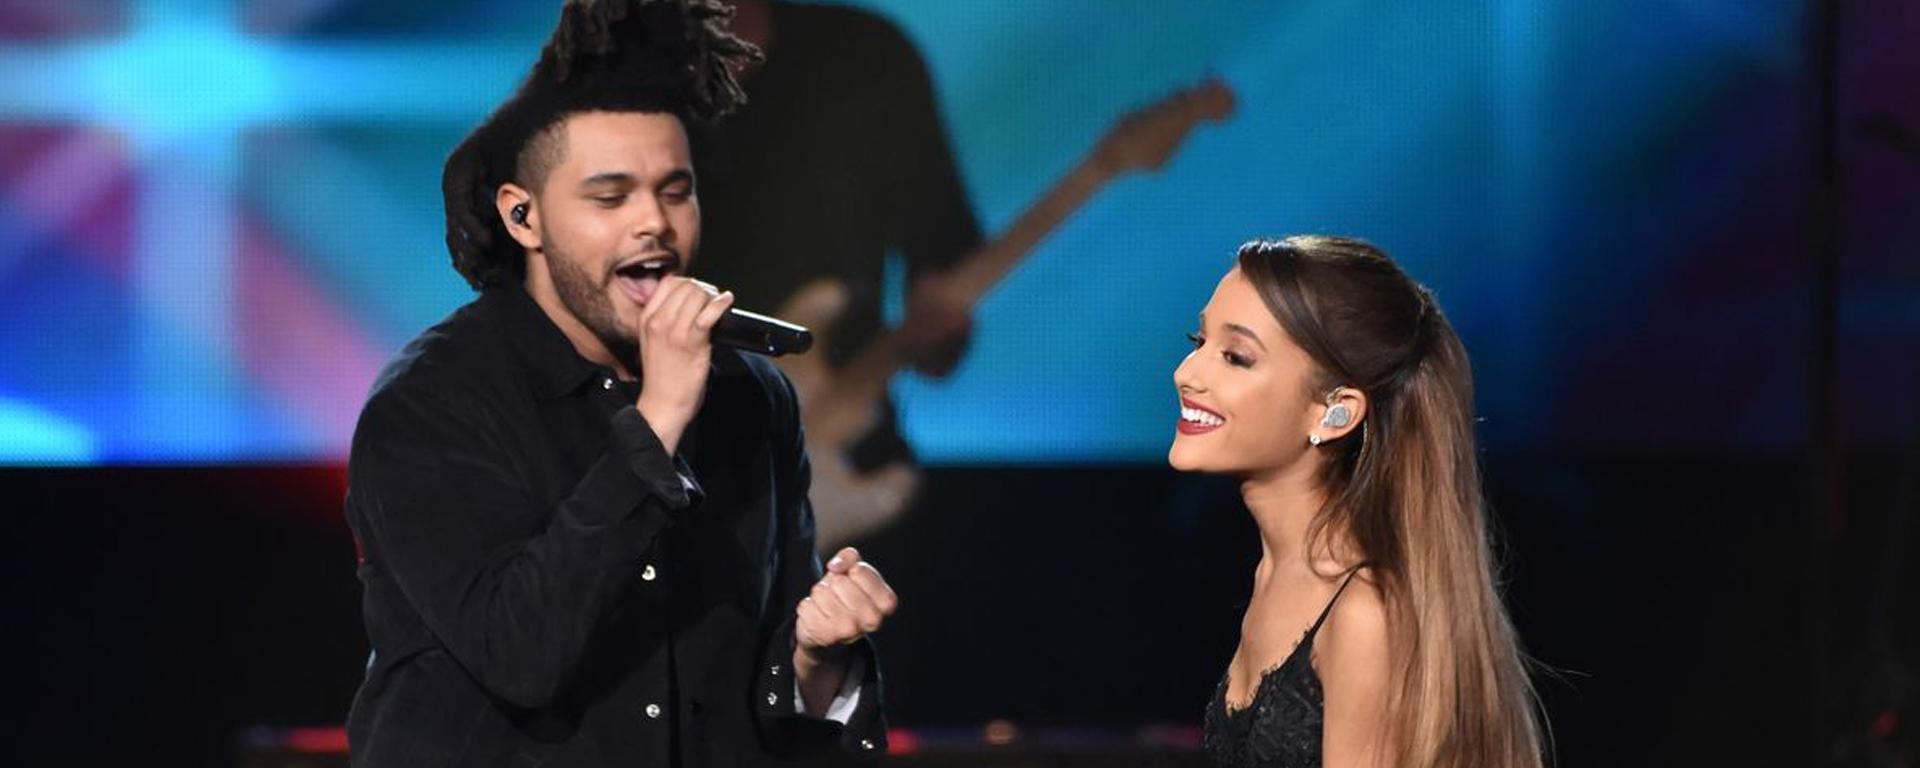 """The Weeknd vydáva novú verziu """"Save Your Tears"""" s Arianou Grande."""